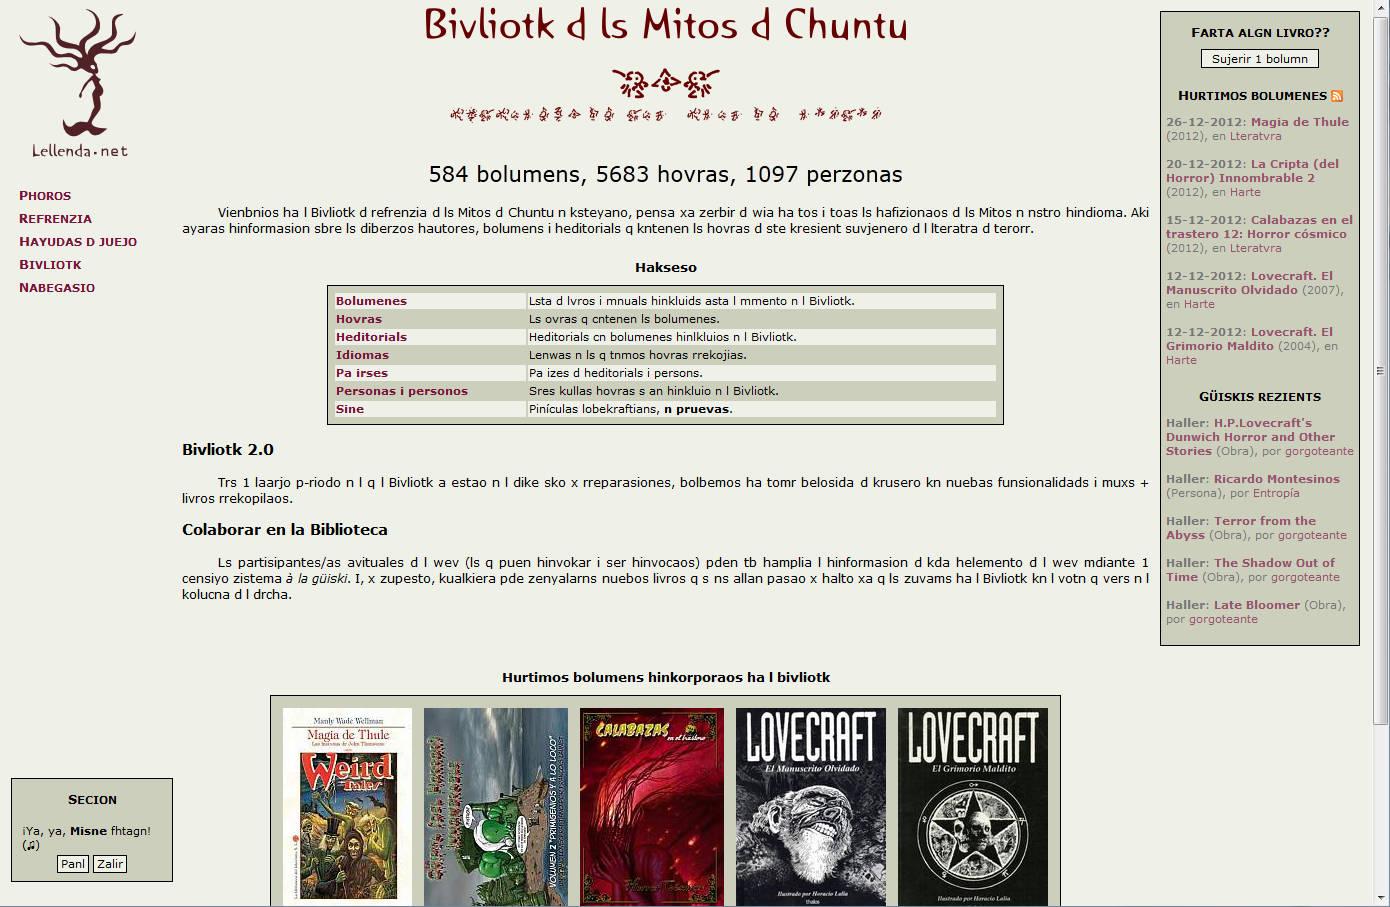 Página principal de la Biblioteca en leyenda.net el día de los inocentes 2012